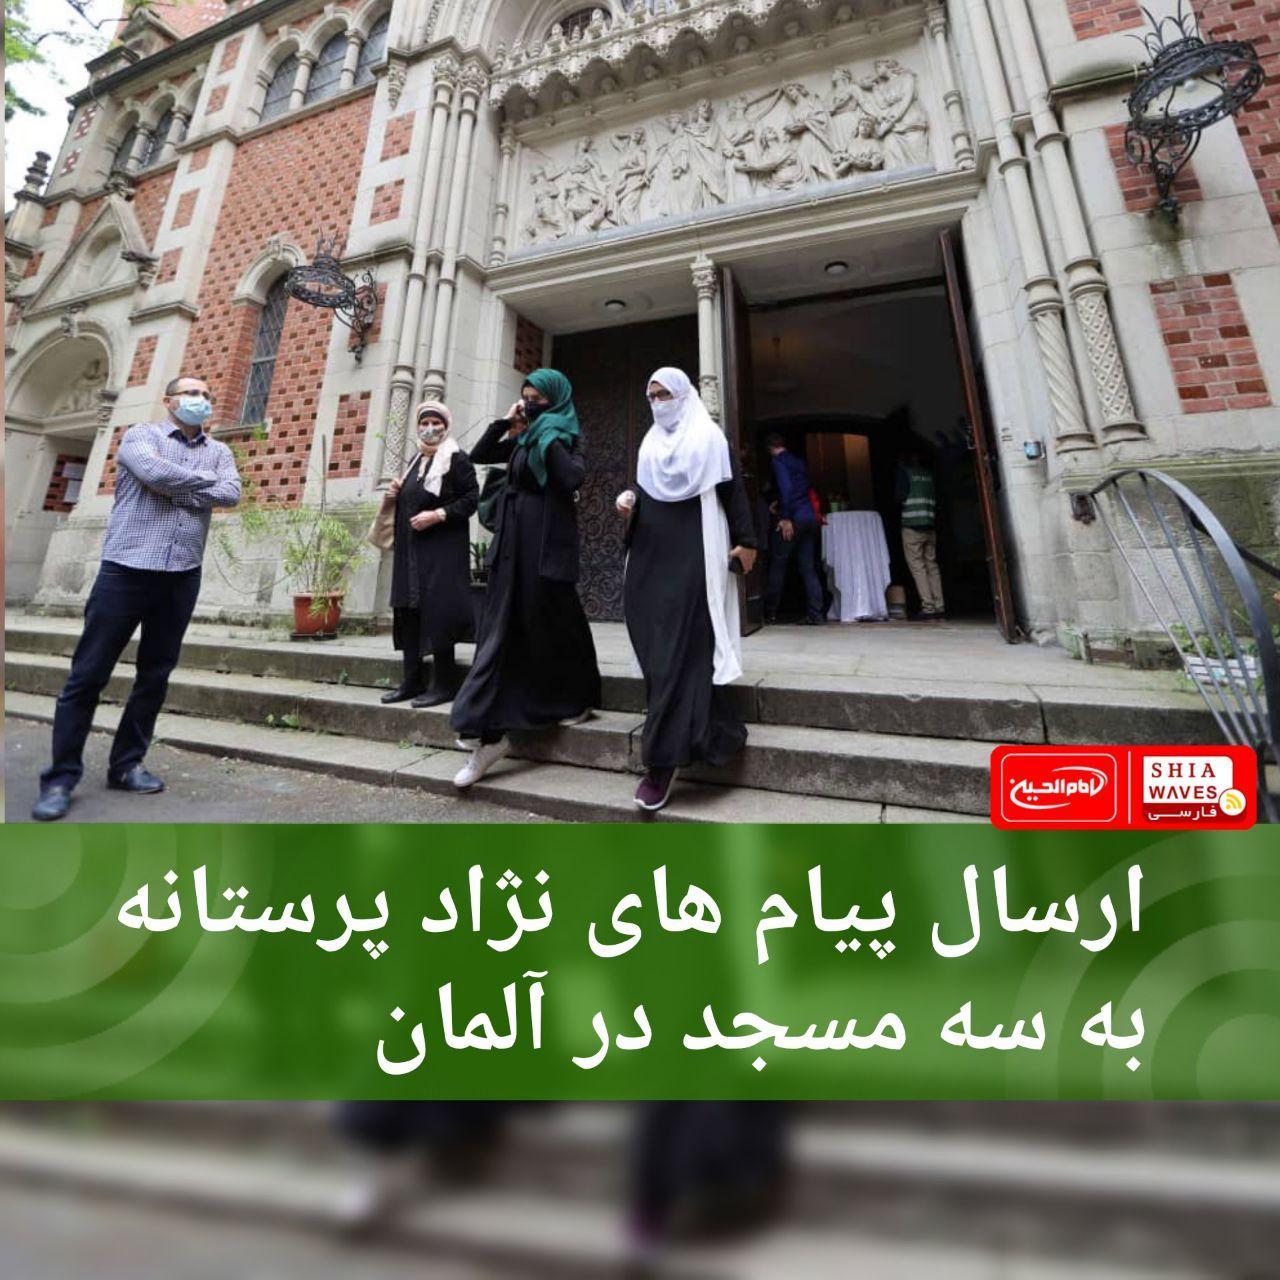 تصویر ارسال پیام های نژادپرستانه به سه مسجد در آلمان